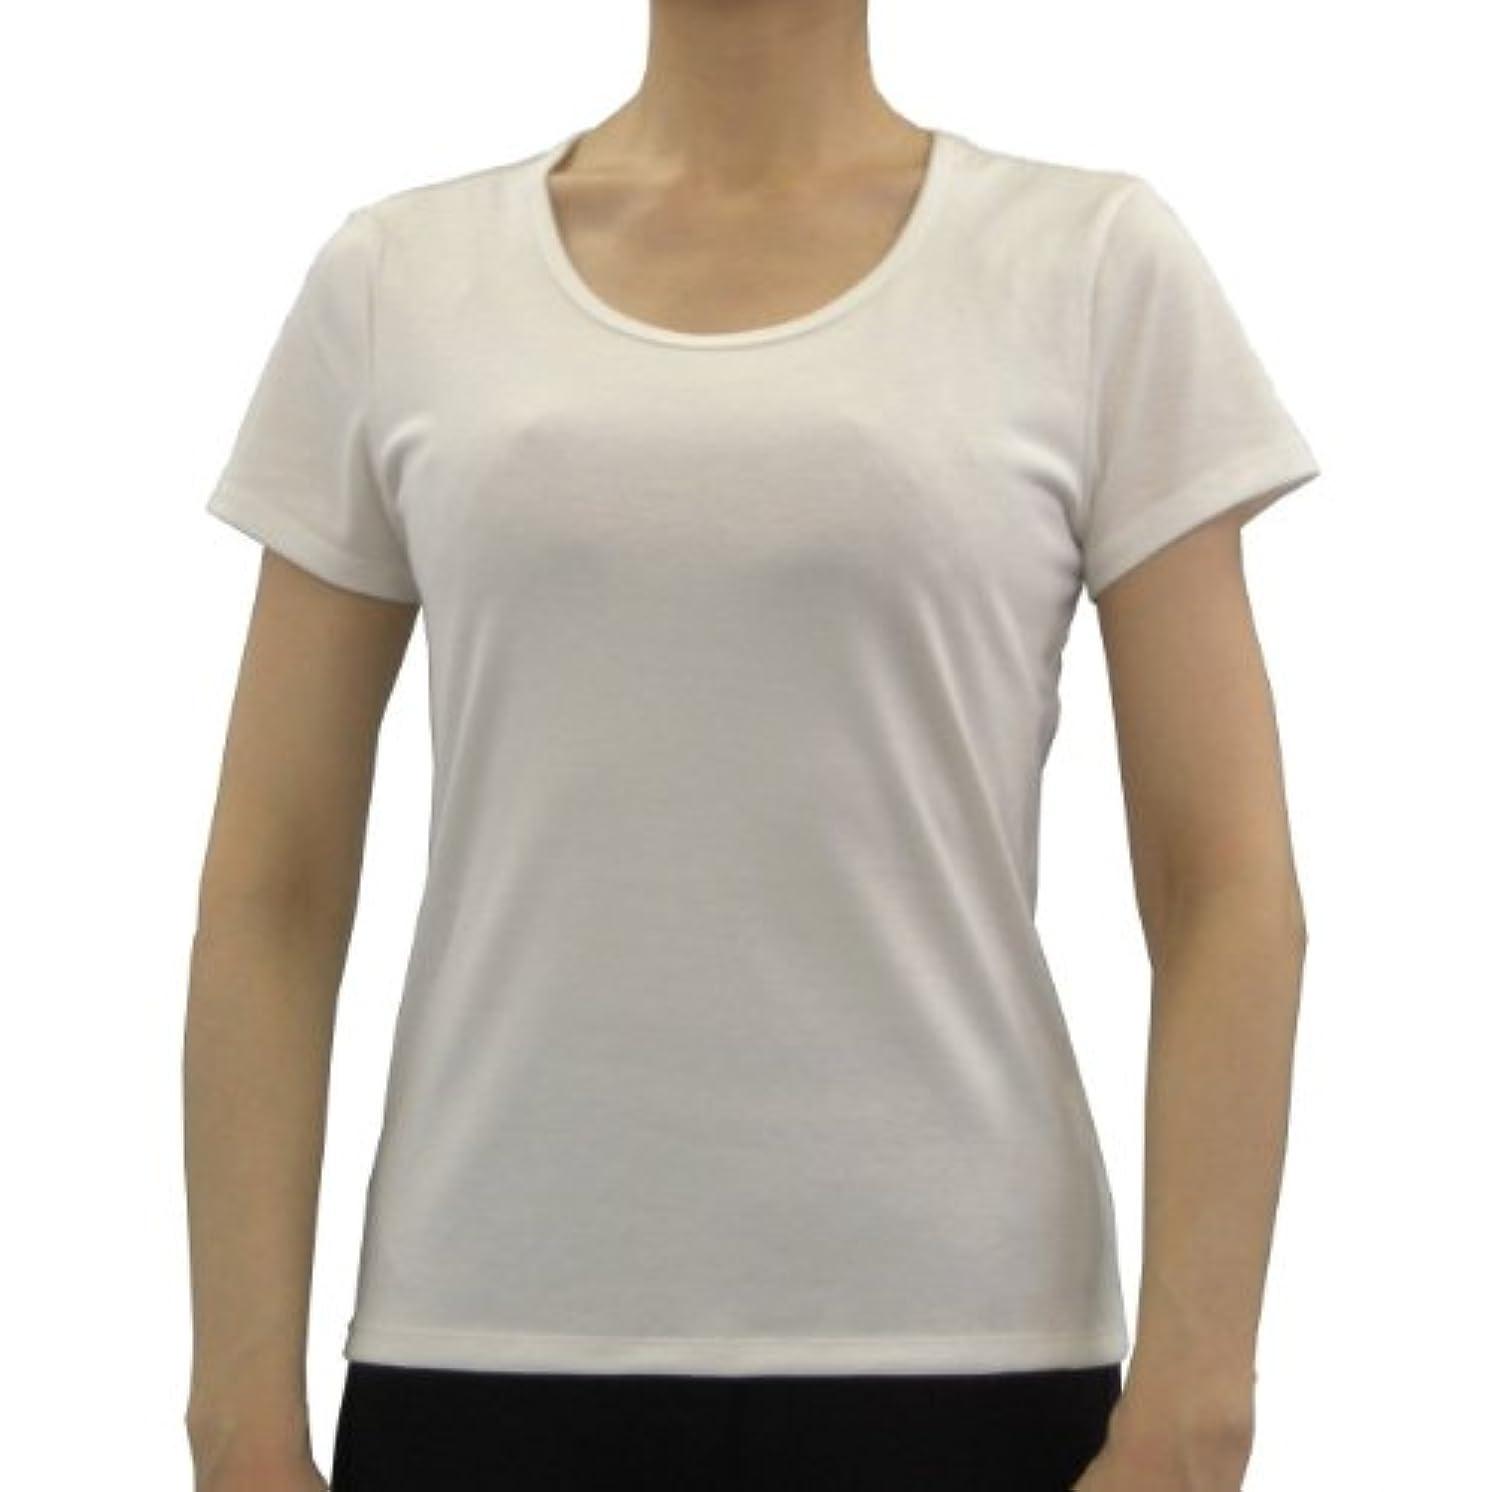 胴体奇跡的な薬理学美肌肌着/NANO MIX(ナノミックス)レディス?Uネック半袖Tシャツ【アトピー対策?アトピー肌?敏感肌?美肌?肌着】 (M/バスト(79-87)?ウエスト(64-70), ホワイト)